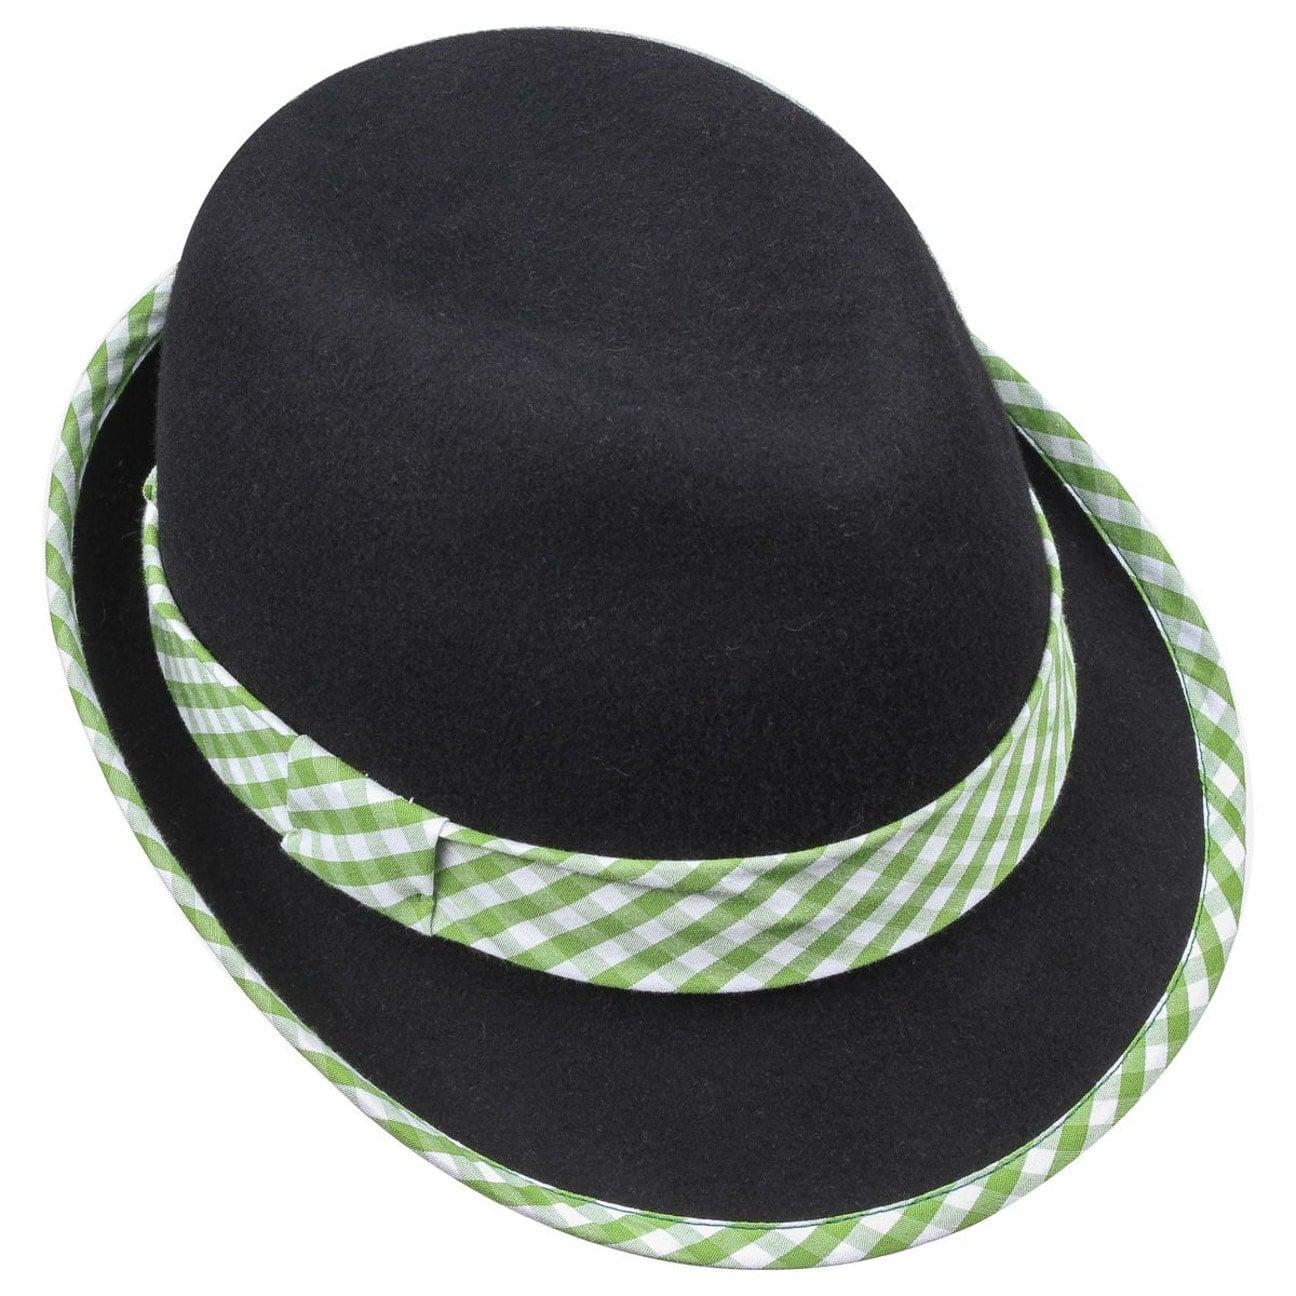 Sombrero Tradicional con Cuadros de Mujer - Sombreros - sombreroshop.es 9d0e7701f6e